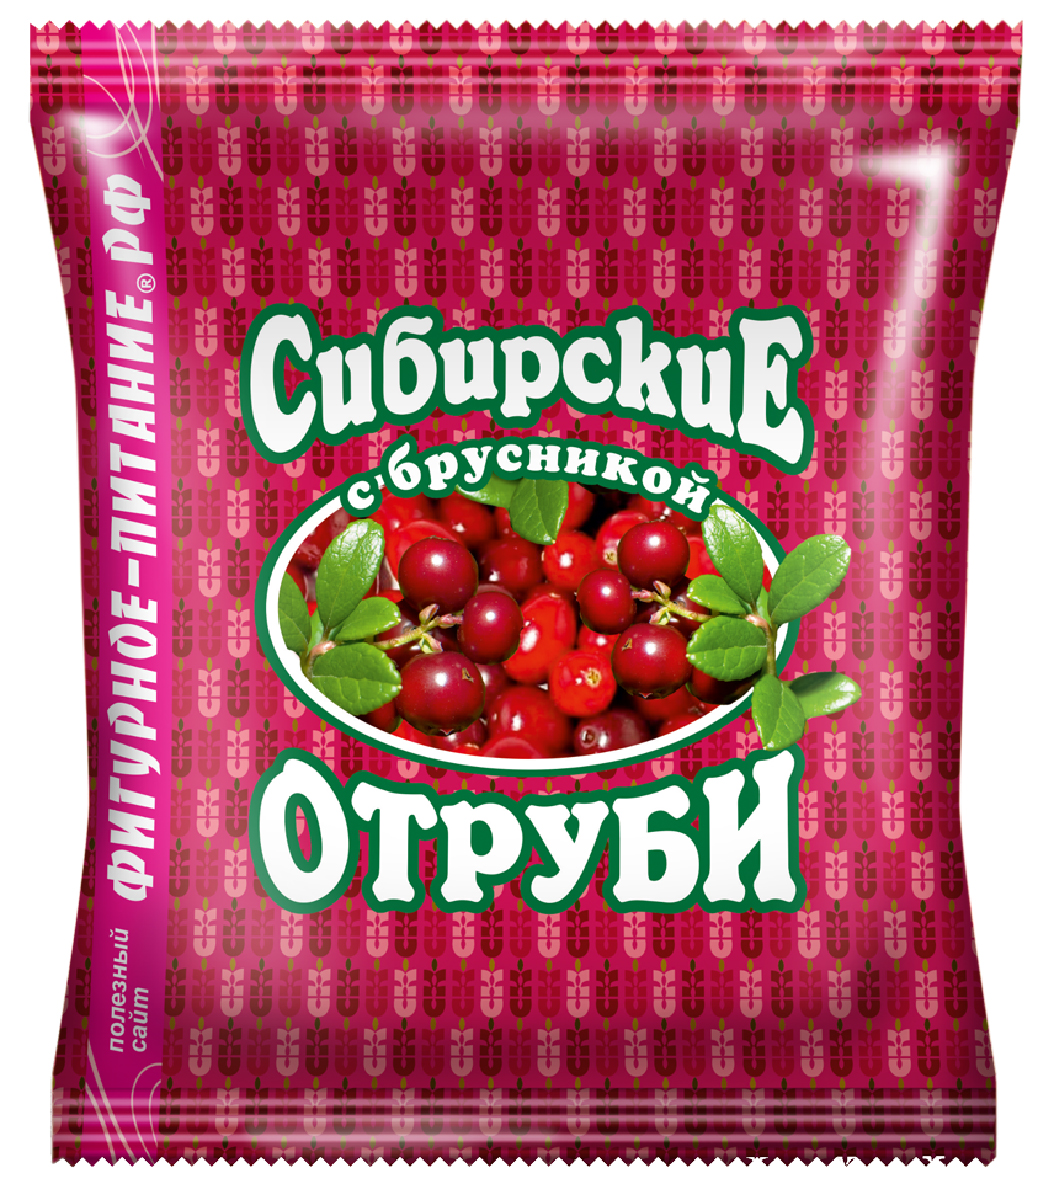 Сибирские Отруби пшеничные с брусникой, 200 г карелин а правильное питание при недостатке витаминов